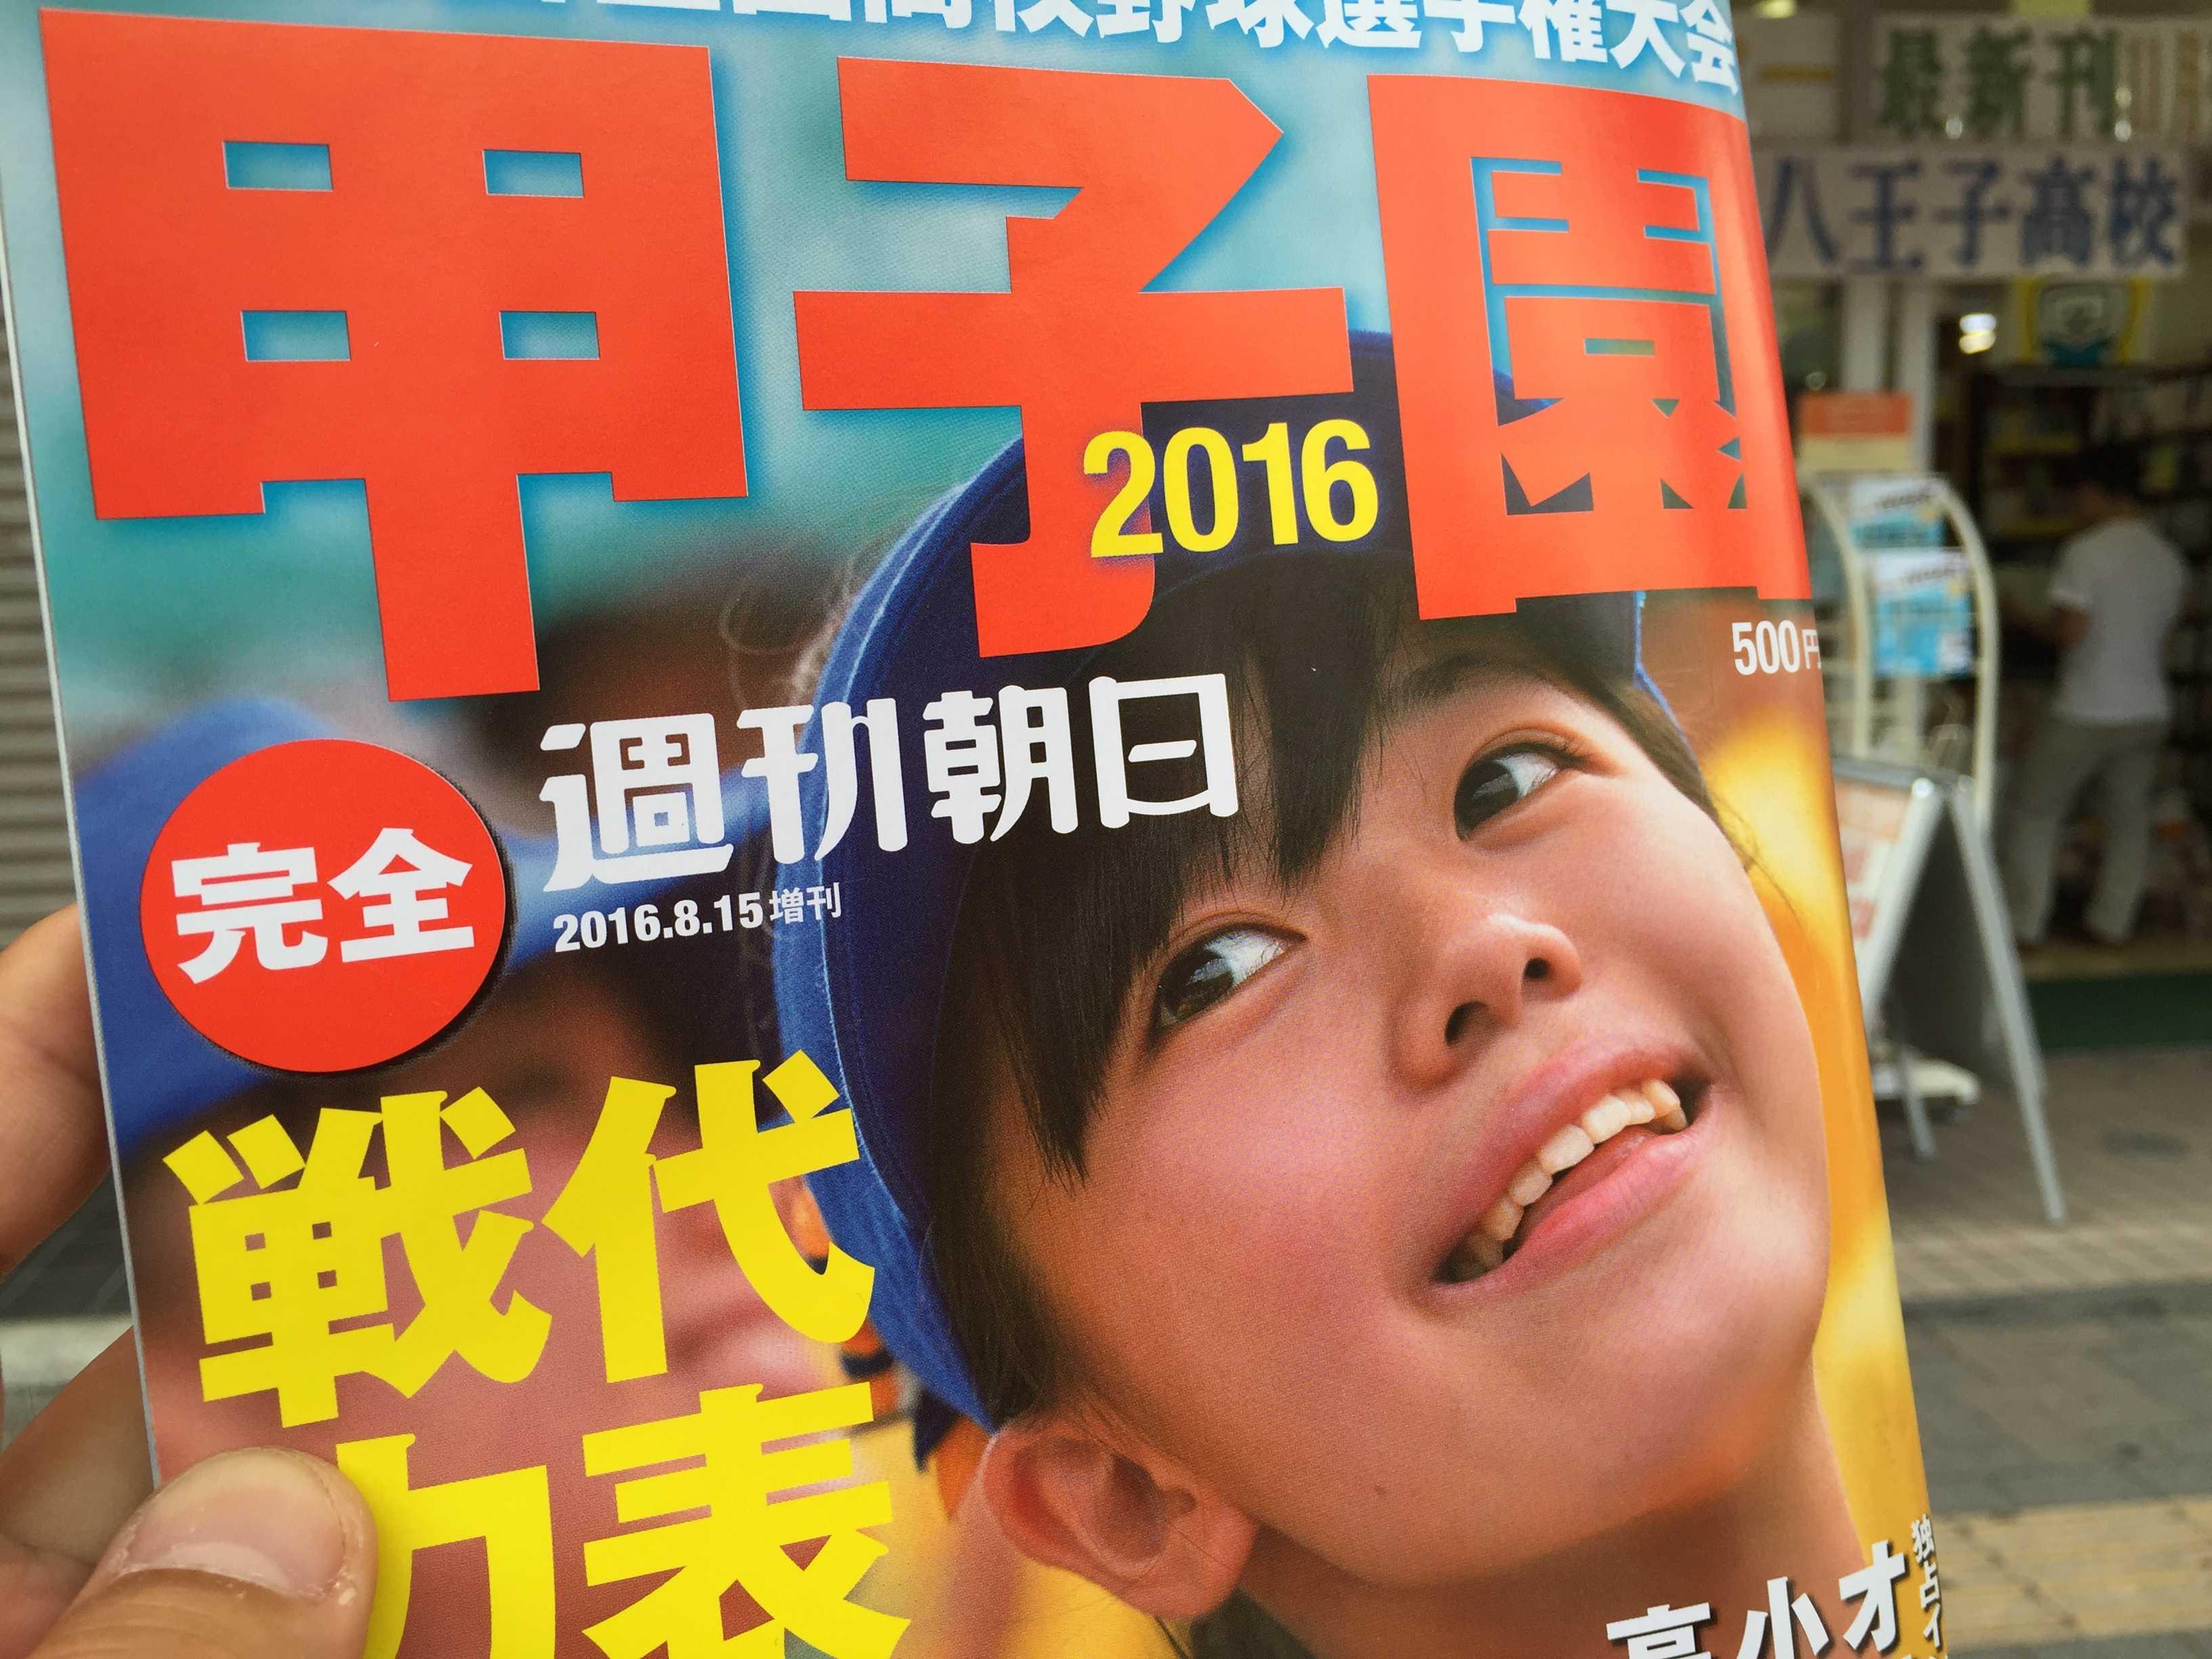 週刊朝日増刊号 甲子園 2016